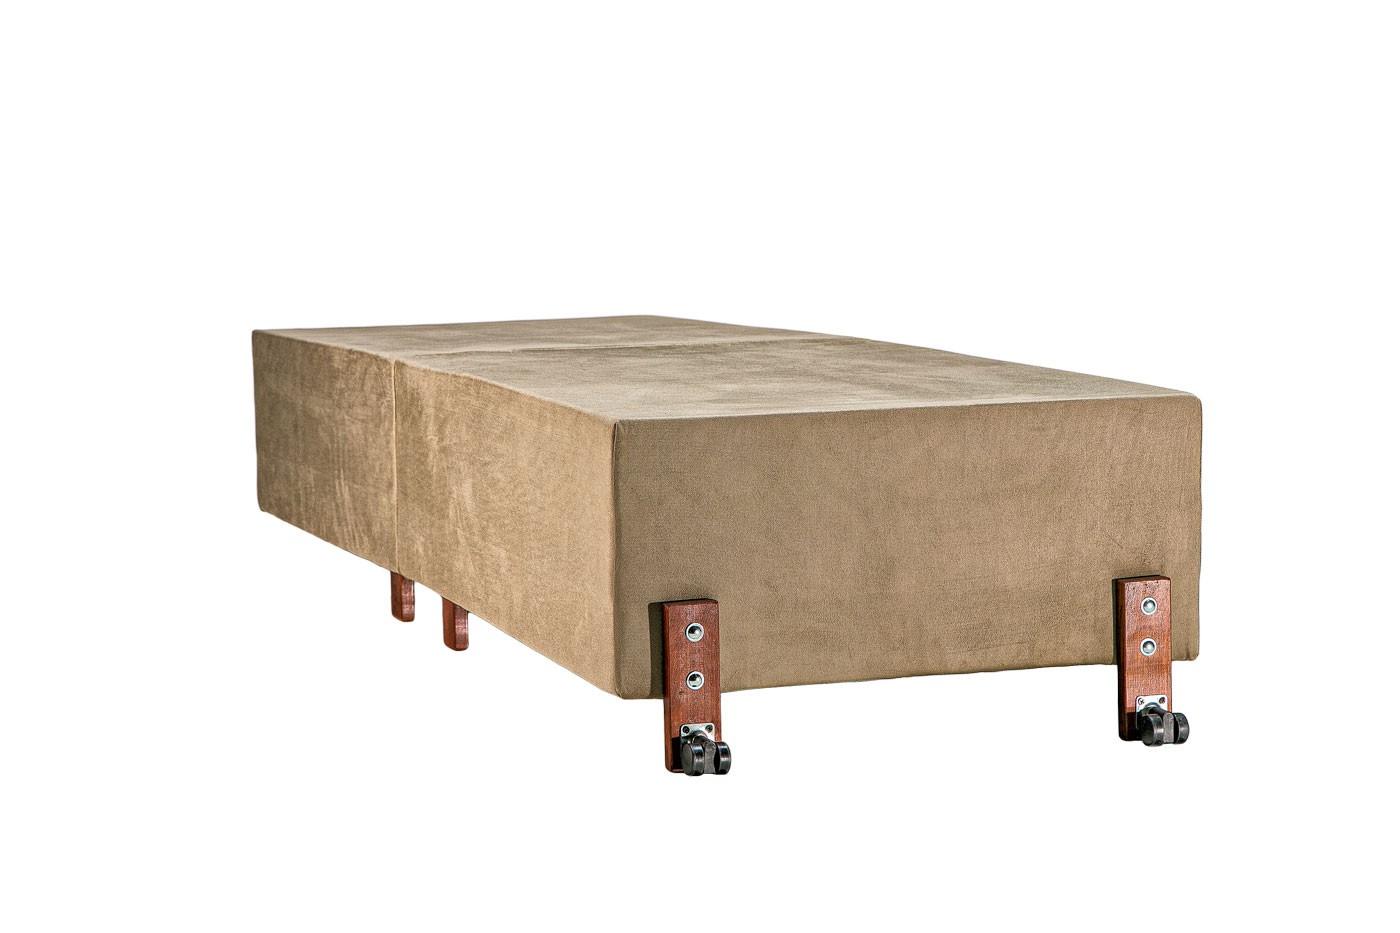 Cama Dobrável ALTA 40cm do Chão, Solteiro de Abrir com Colchão Embutido 70cm x 190cm Kenko Premium  - Kenko Premium Colchões